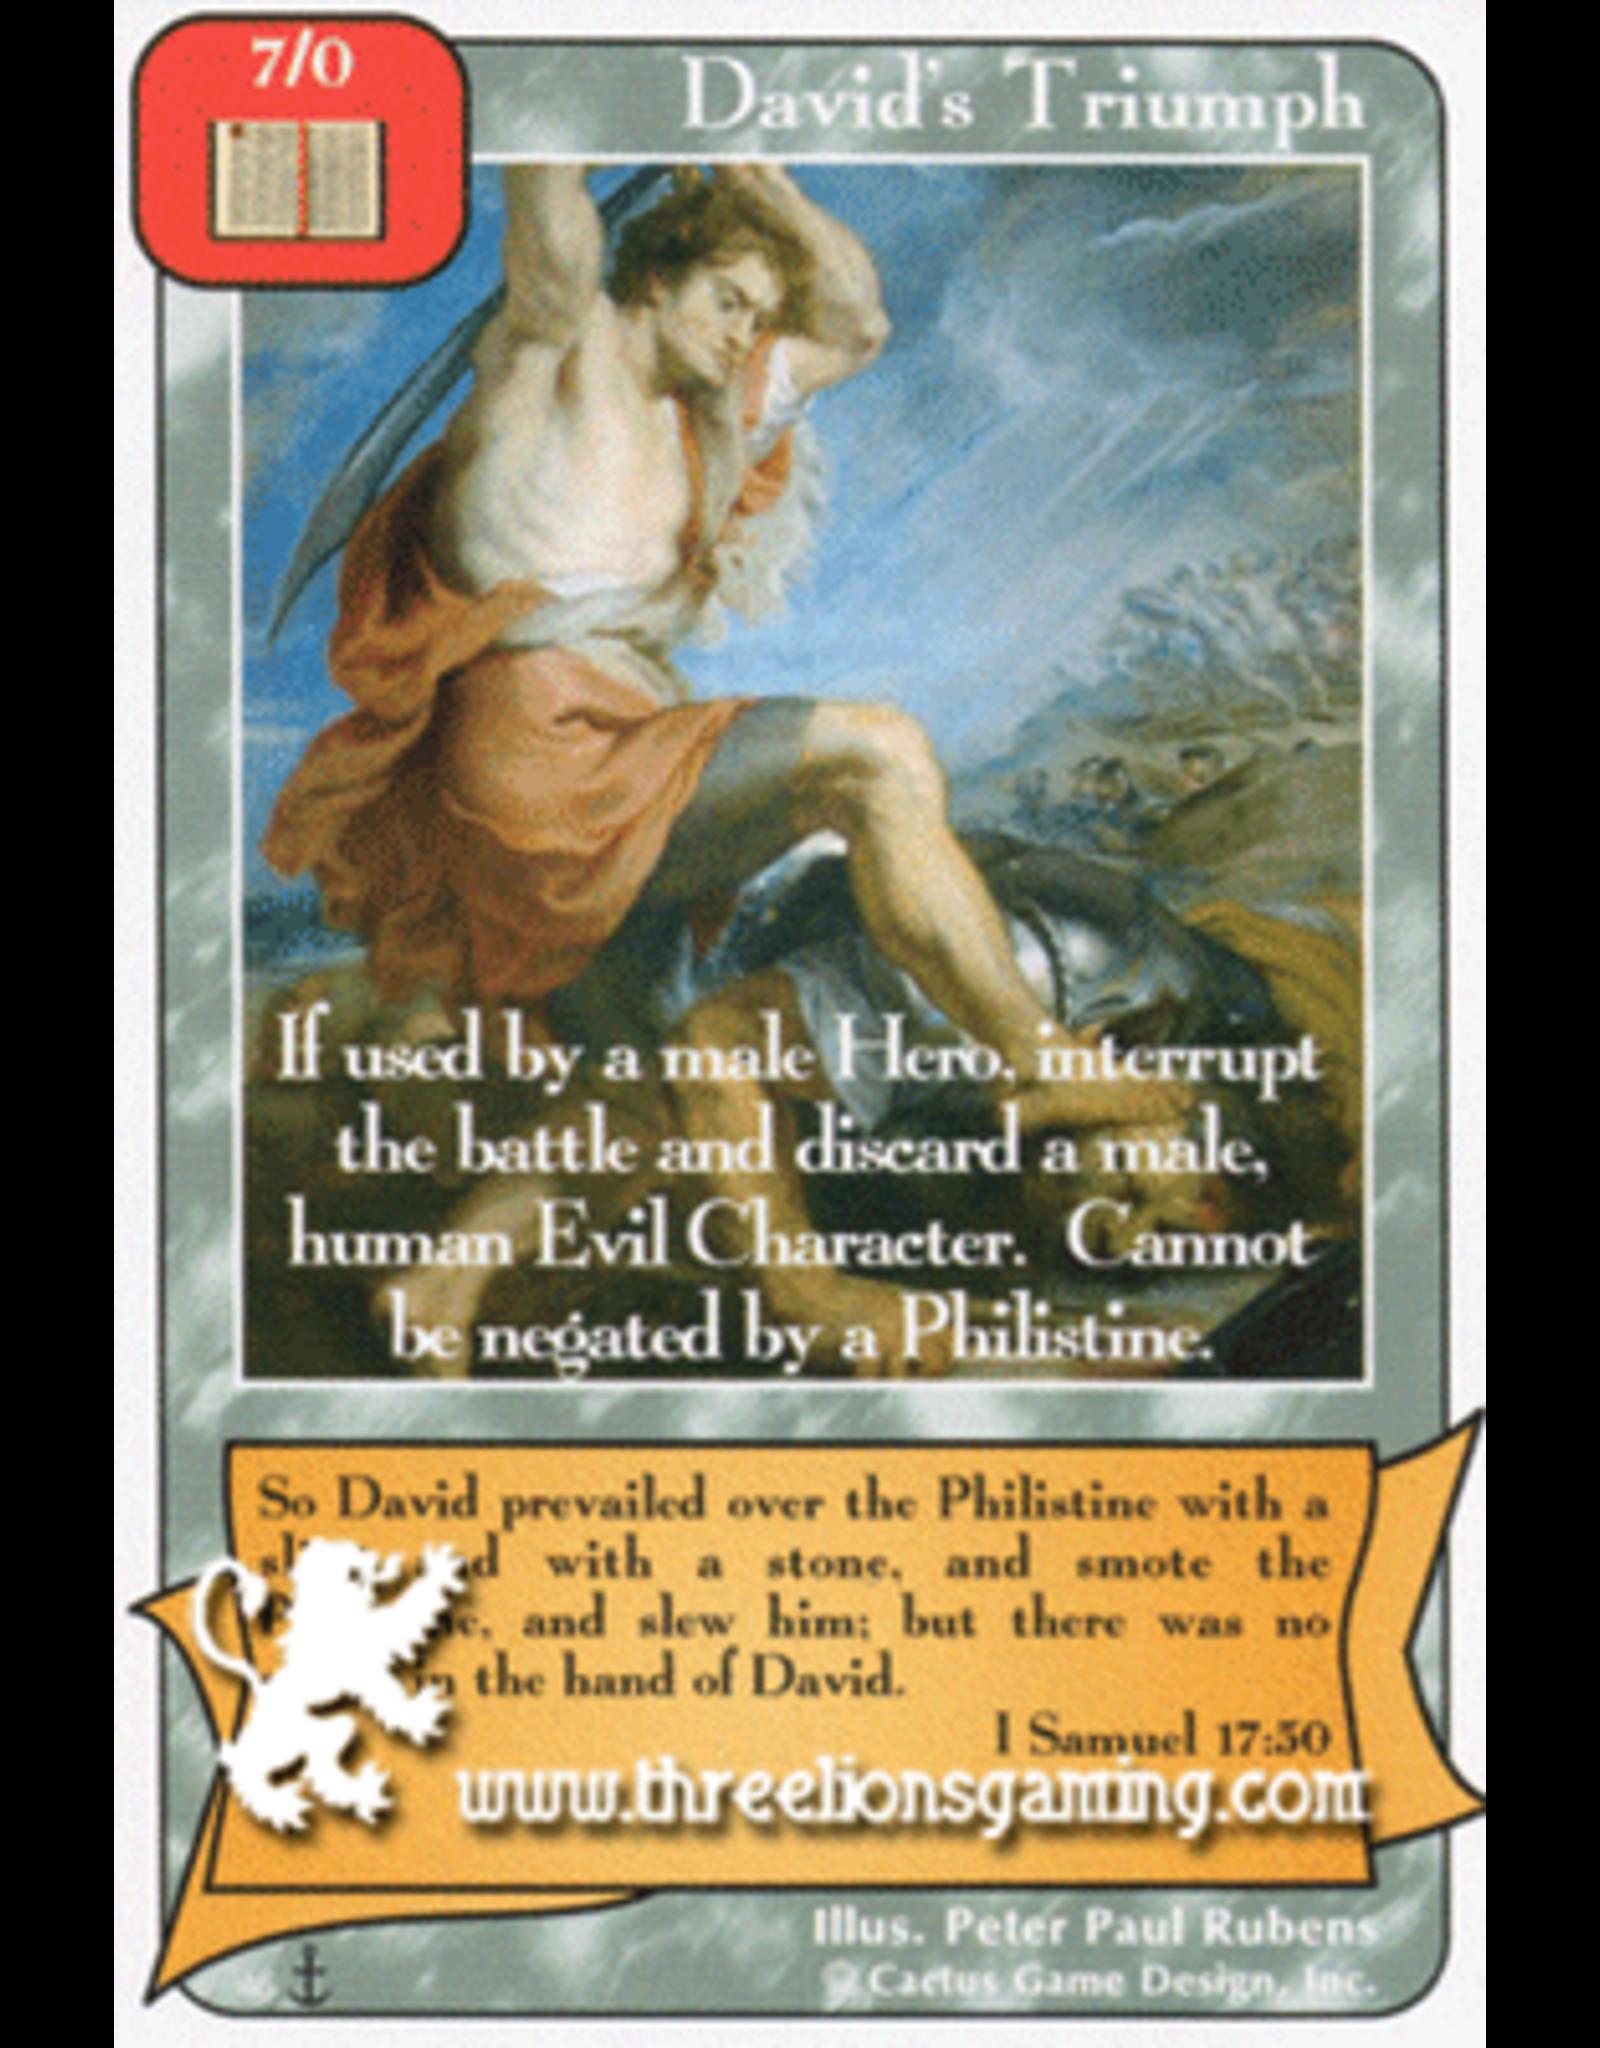 Di: David's Triumph